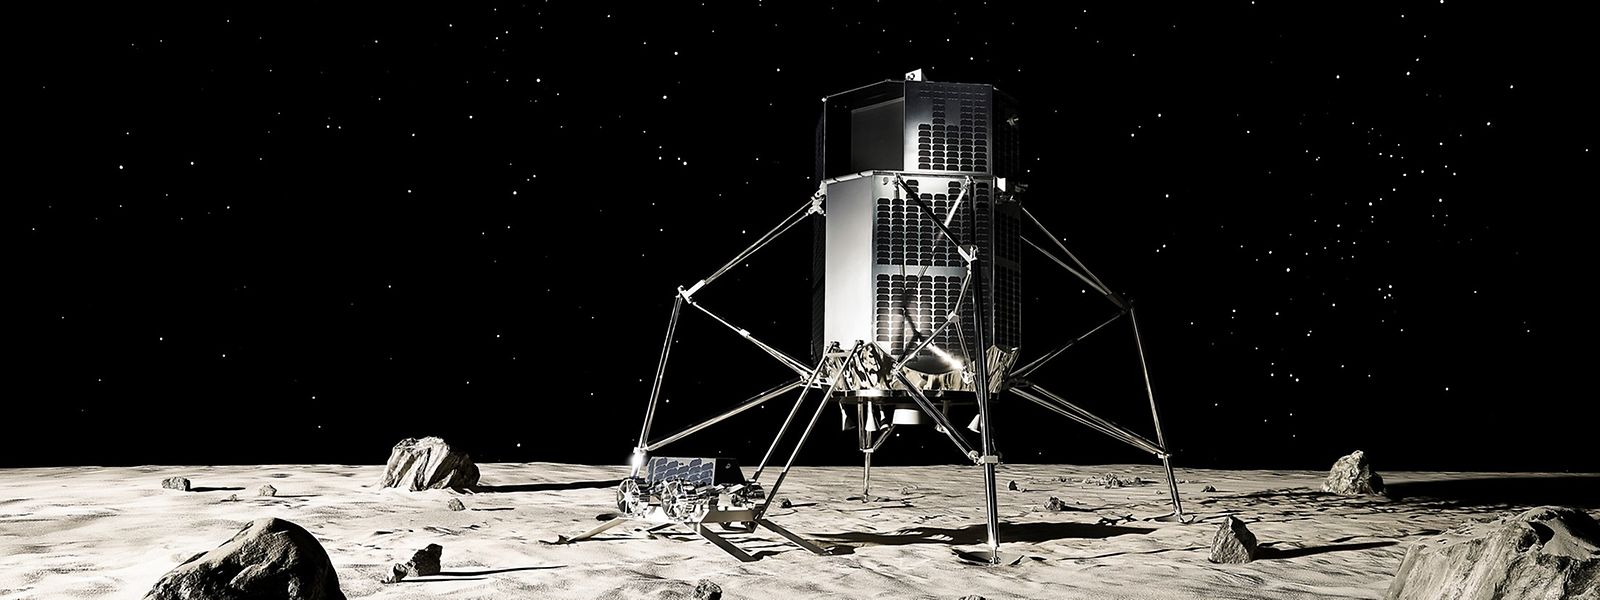 L'engin d'ispace qui se posera sur la Lune et sur son pied, à gauche, un des rovers qu'il embarquera pour aller mesurer la qualité de l'eau